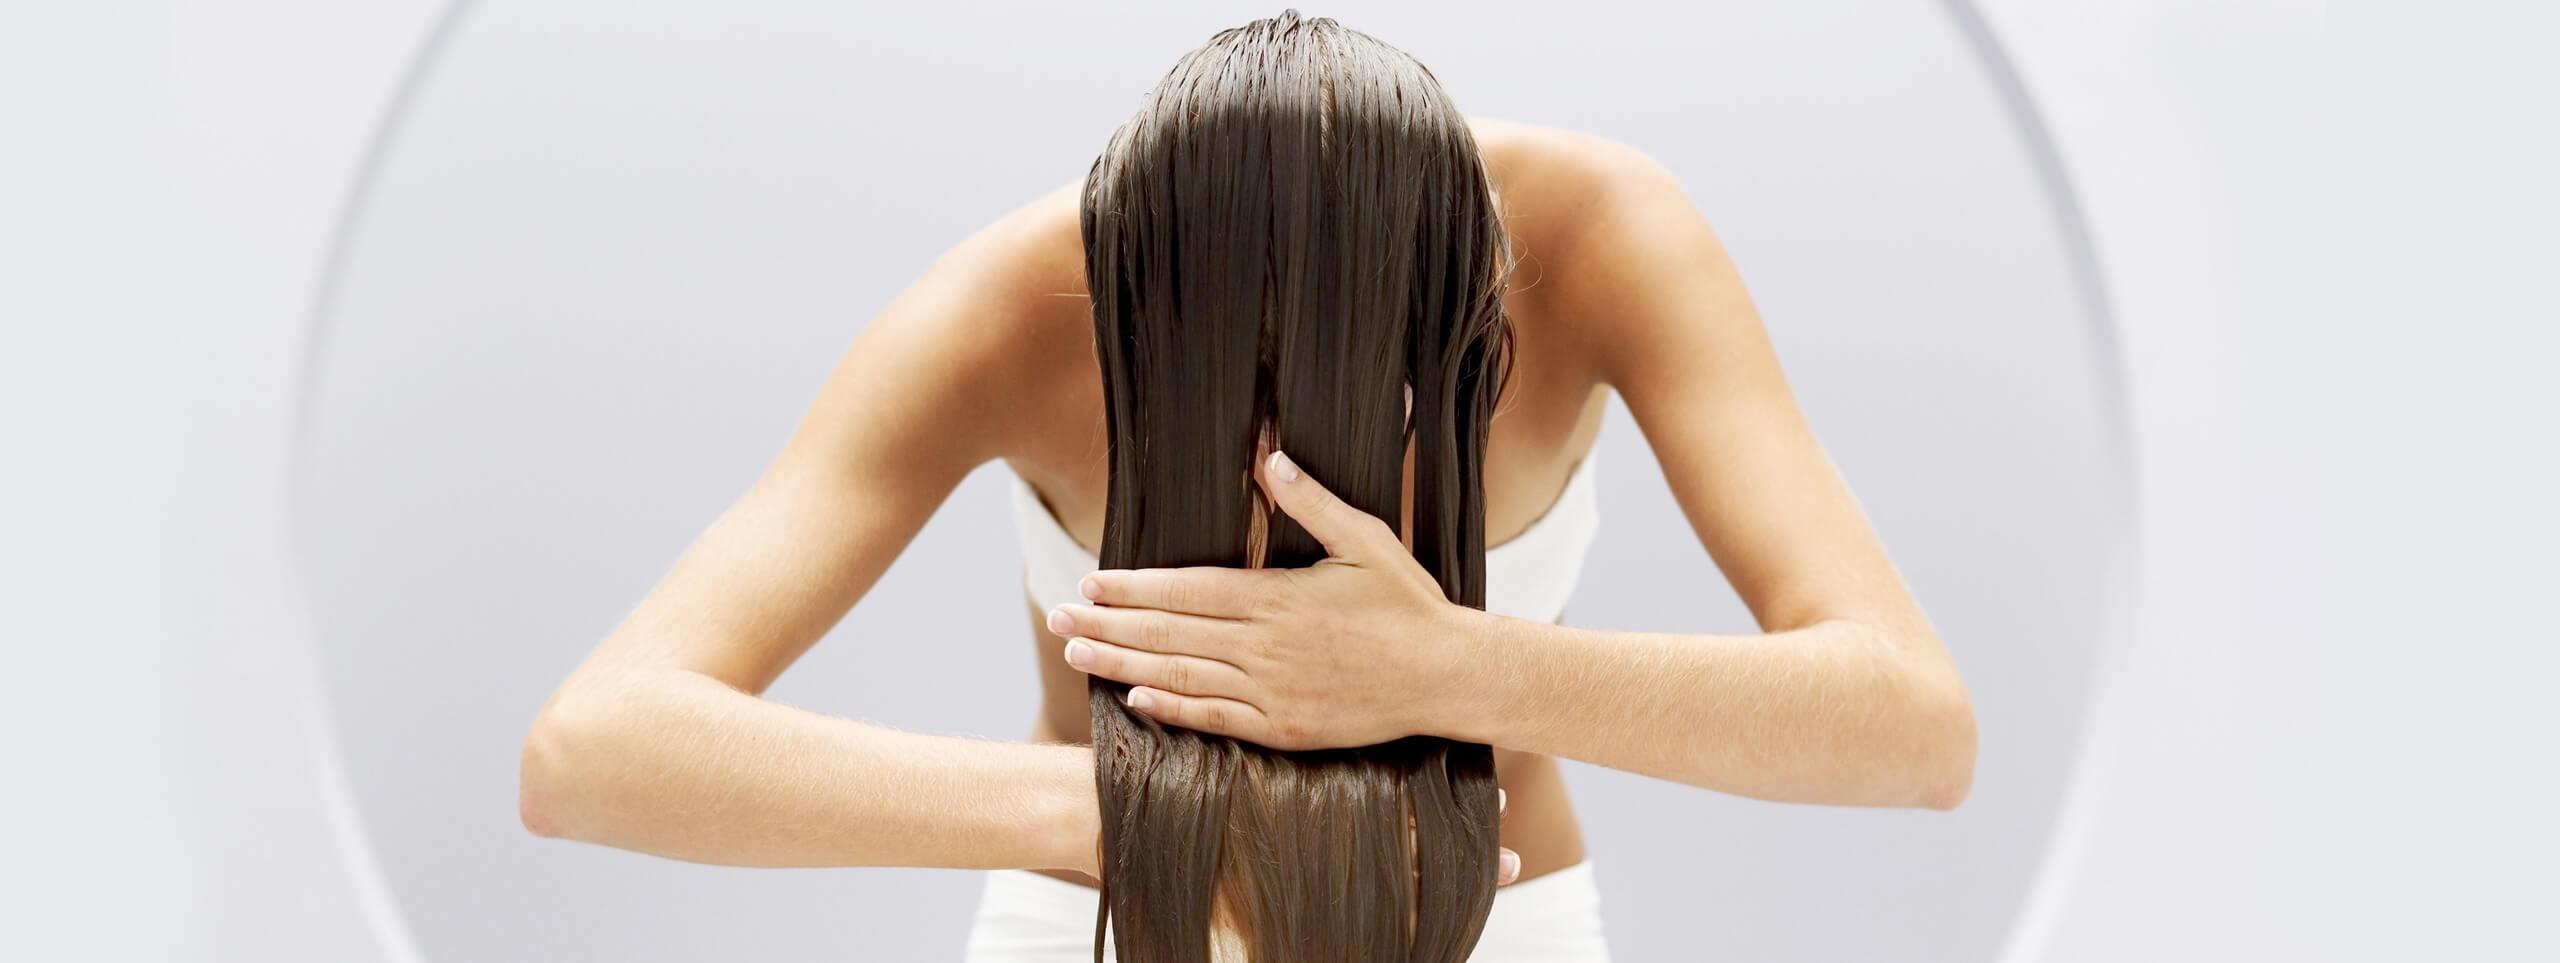 Наносим кондиционер для волос